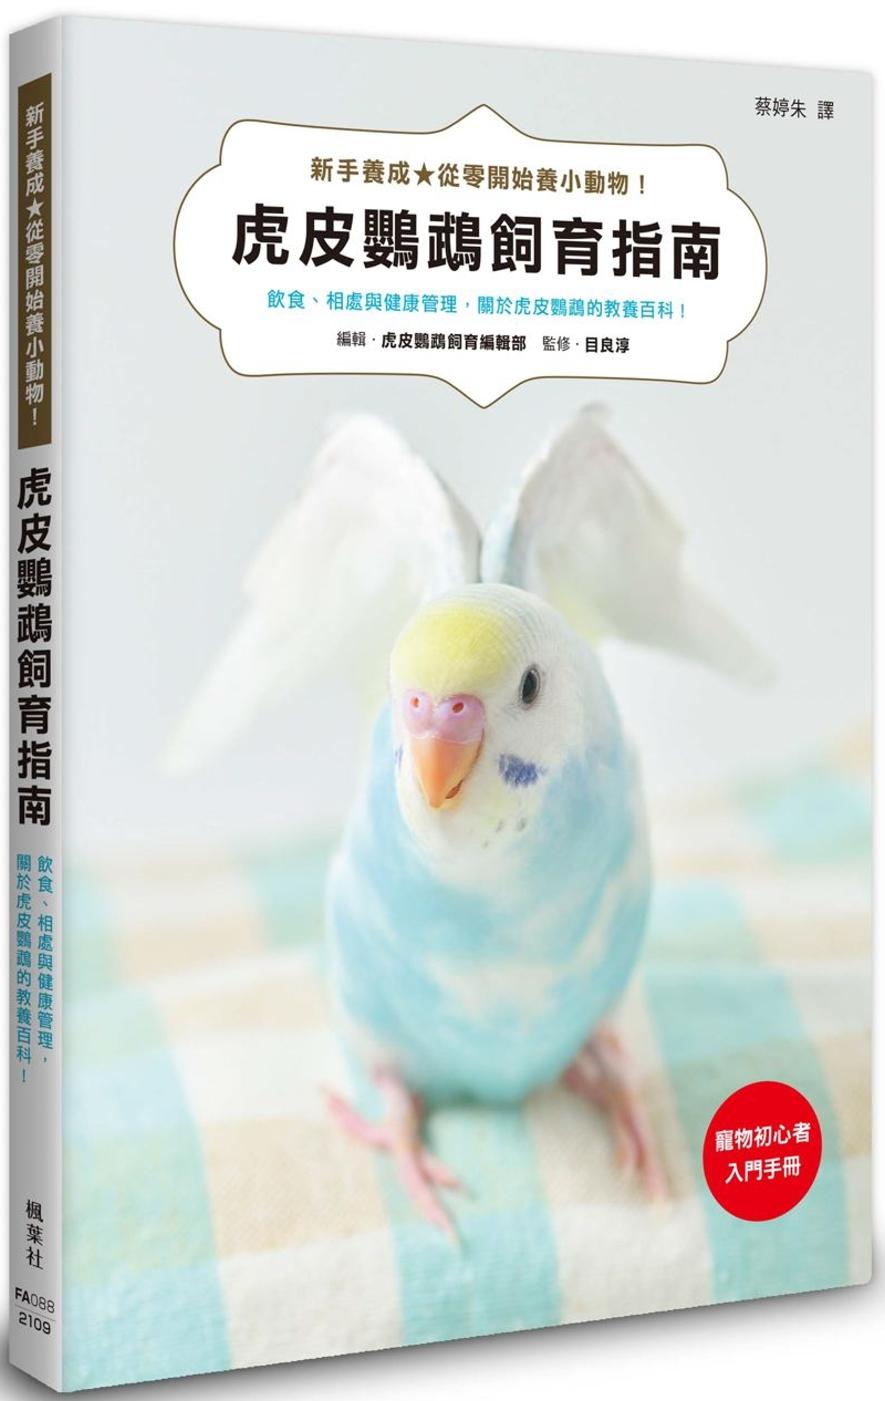 虎皮鸚鵡飼育指南